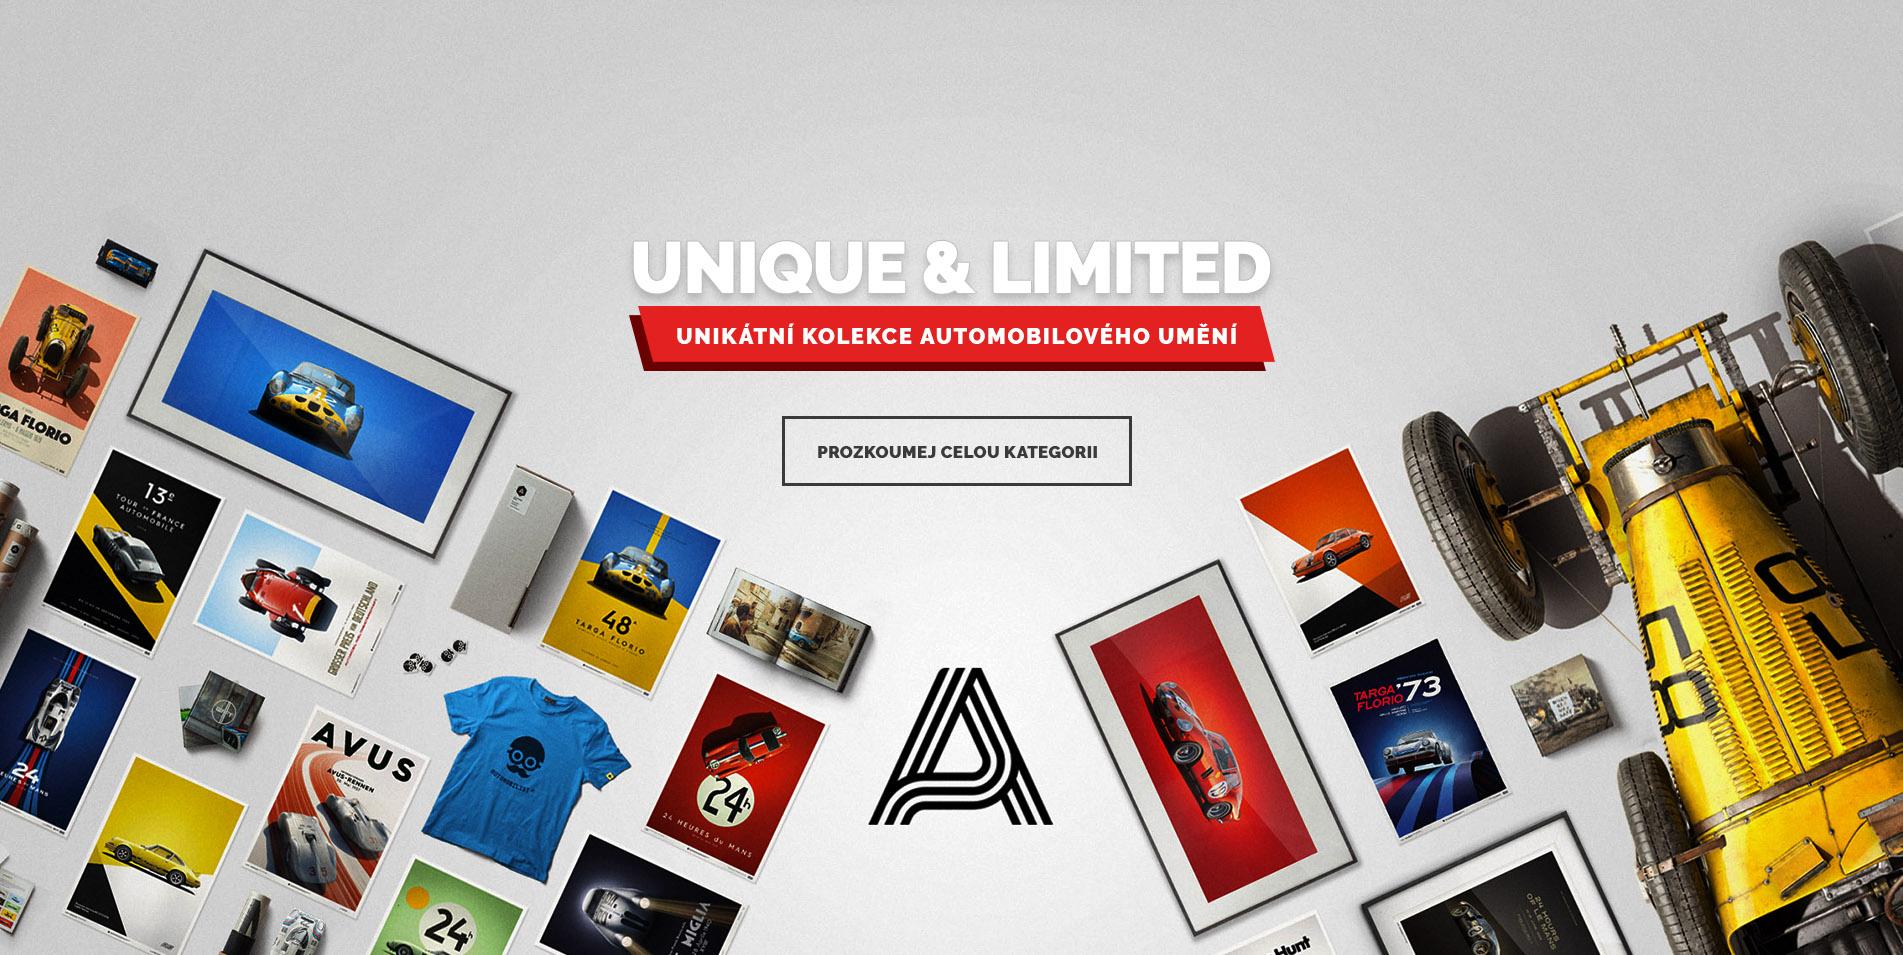 Unique & Limited